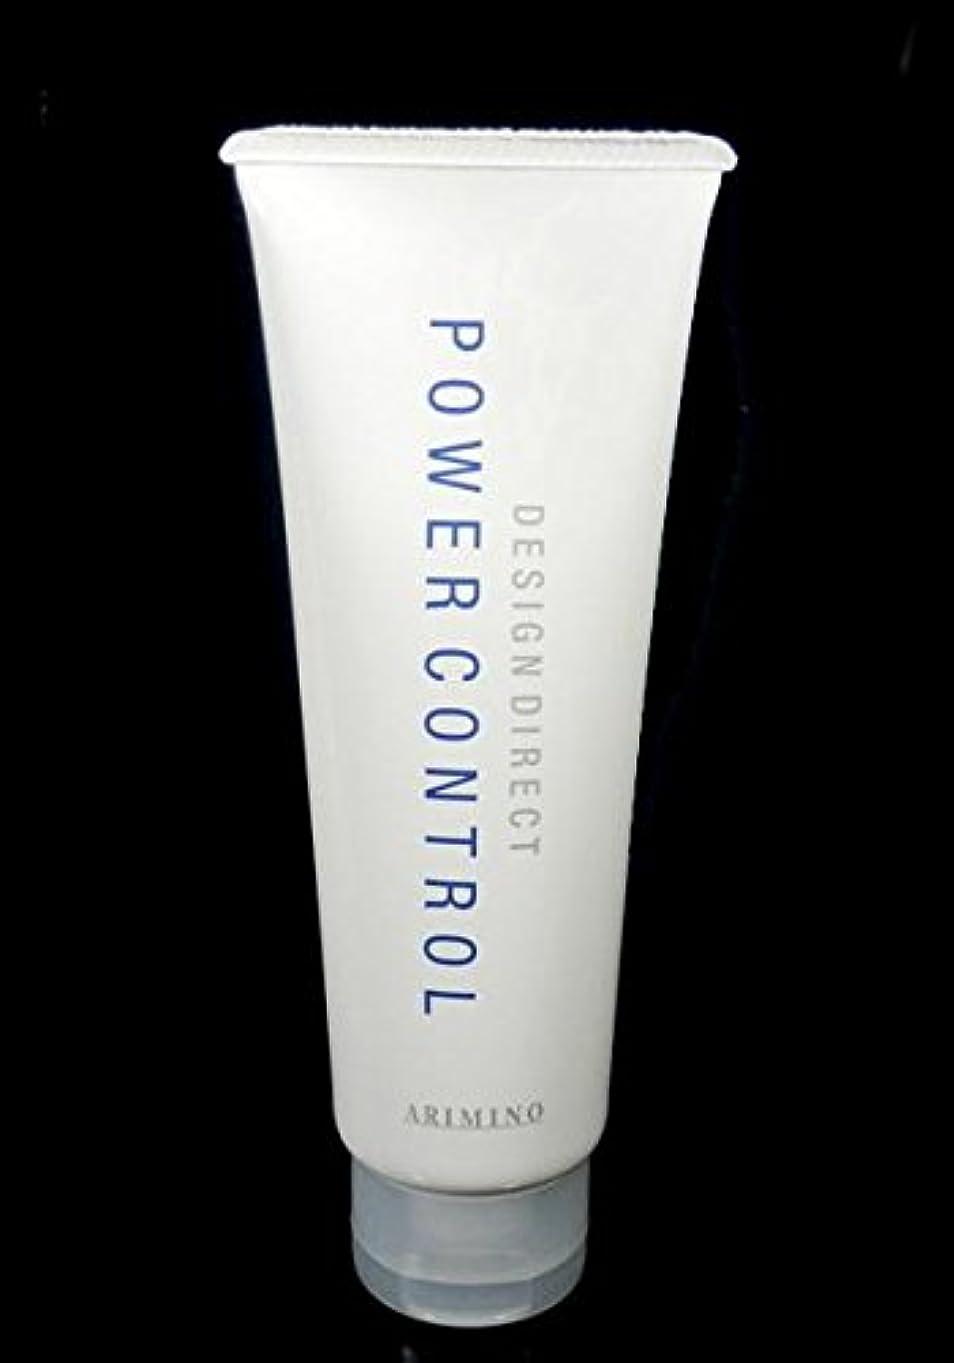 ポーンふりをする納税者デザインディレクト パワーコントロール(ヘアトリートメント)230g アリミノ ARIMINO 新品